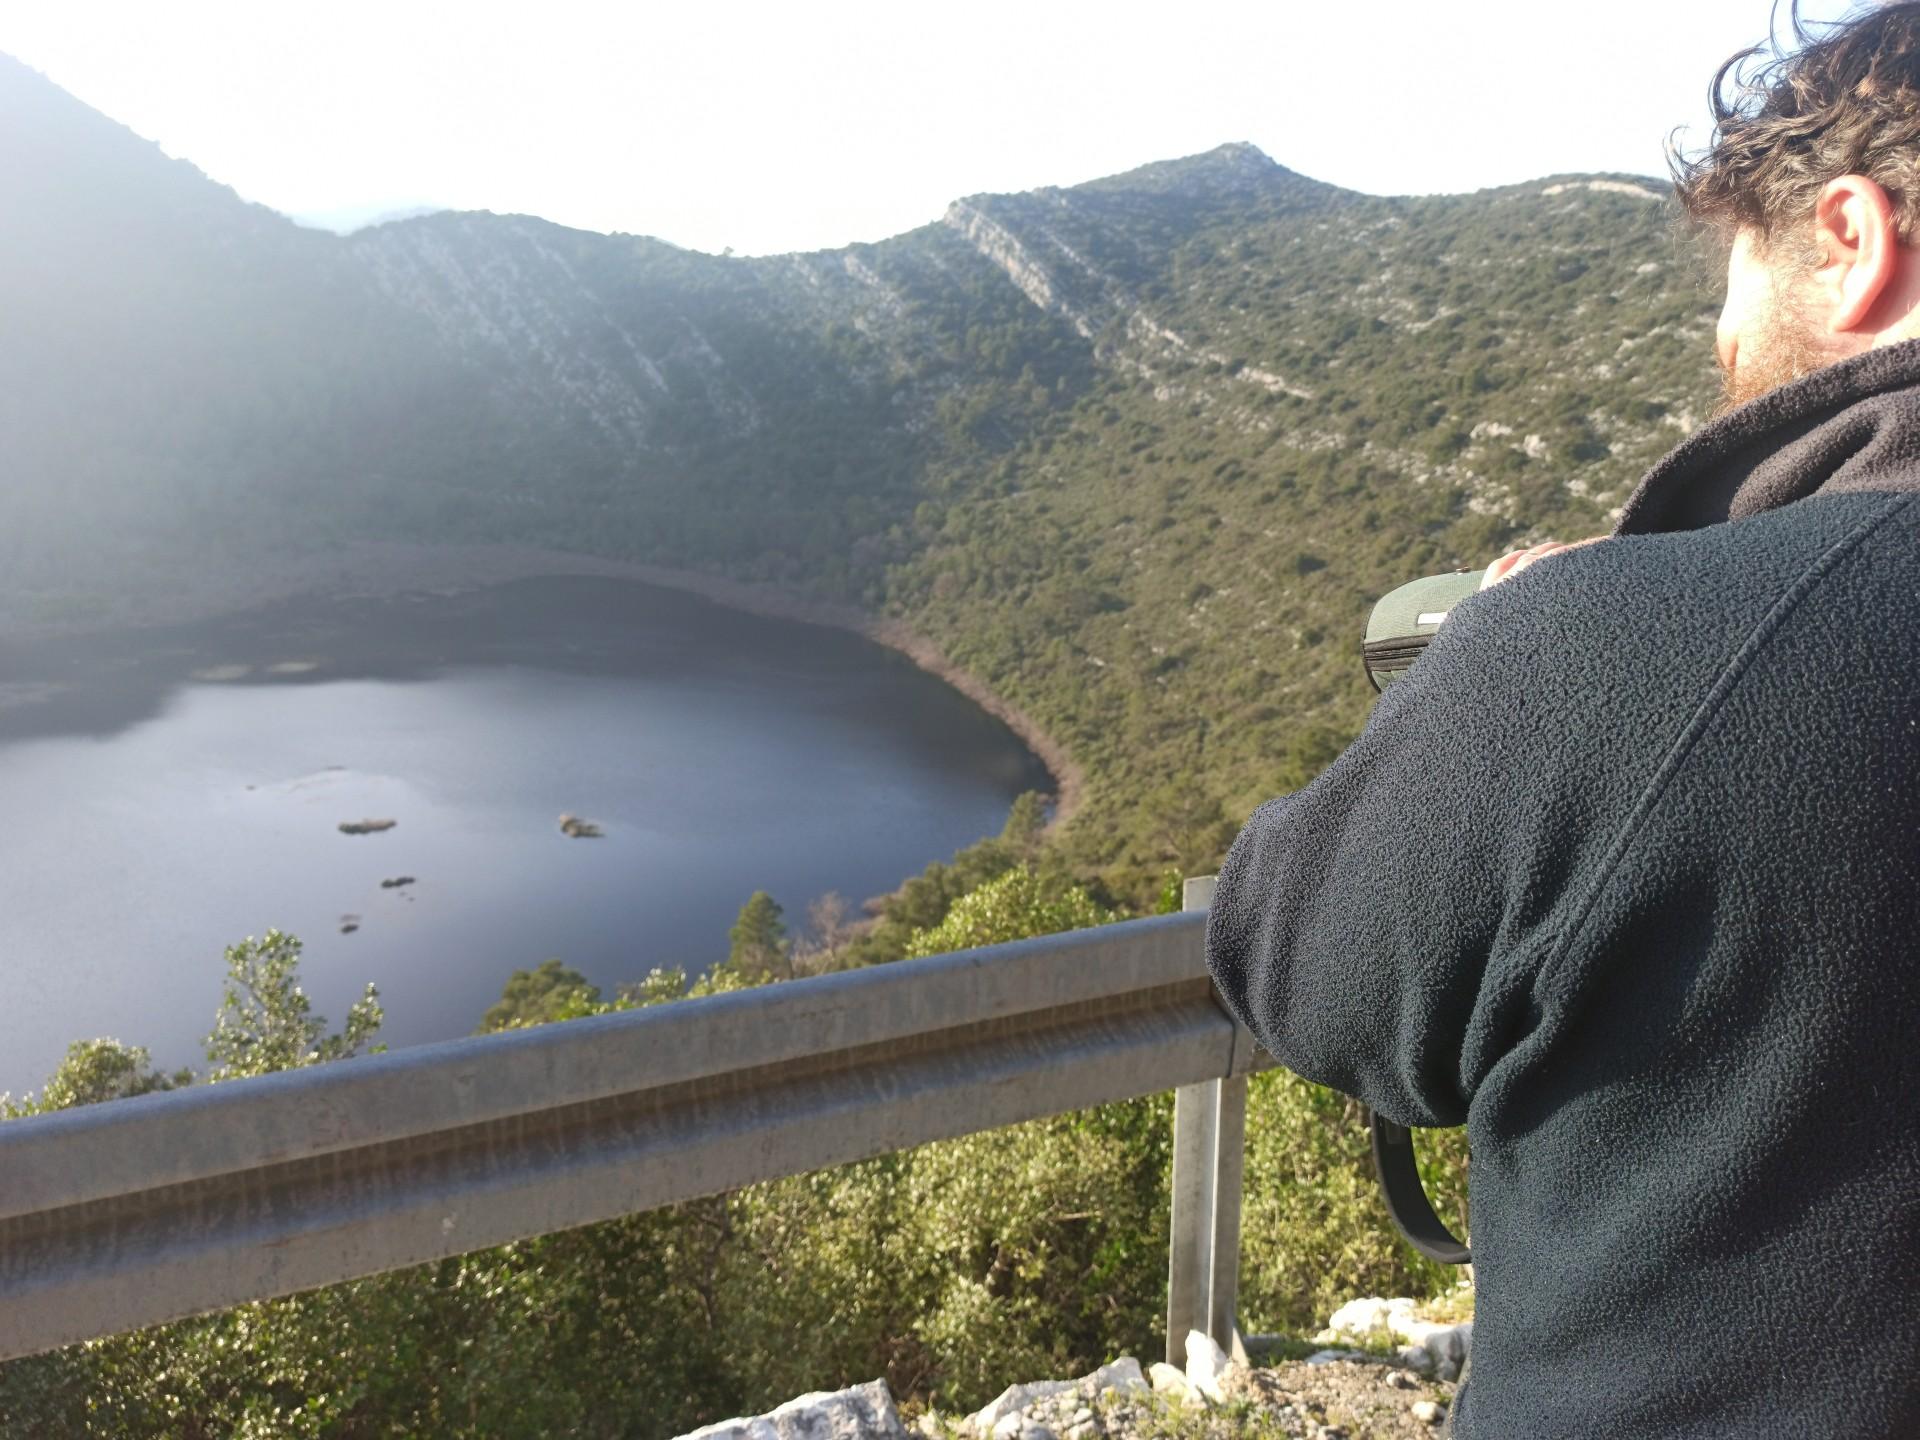 Međunarodno zimsko prebrojavanje ptica vodarica (IWC) drugi put na Mljetu